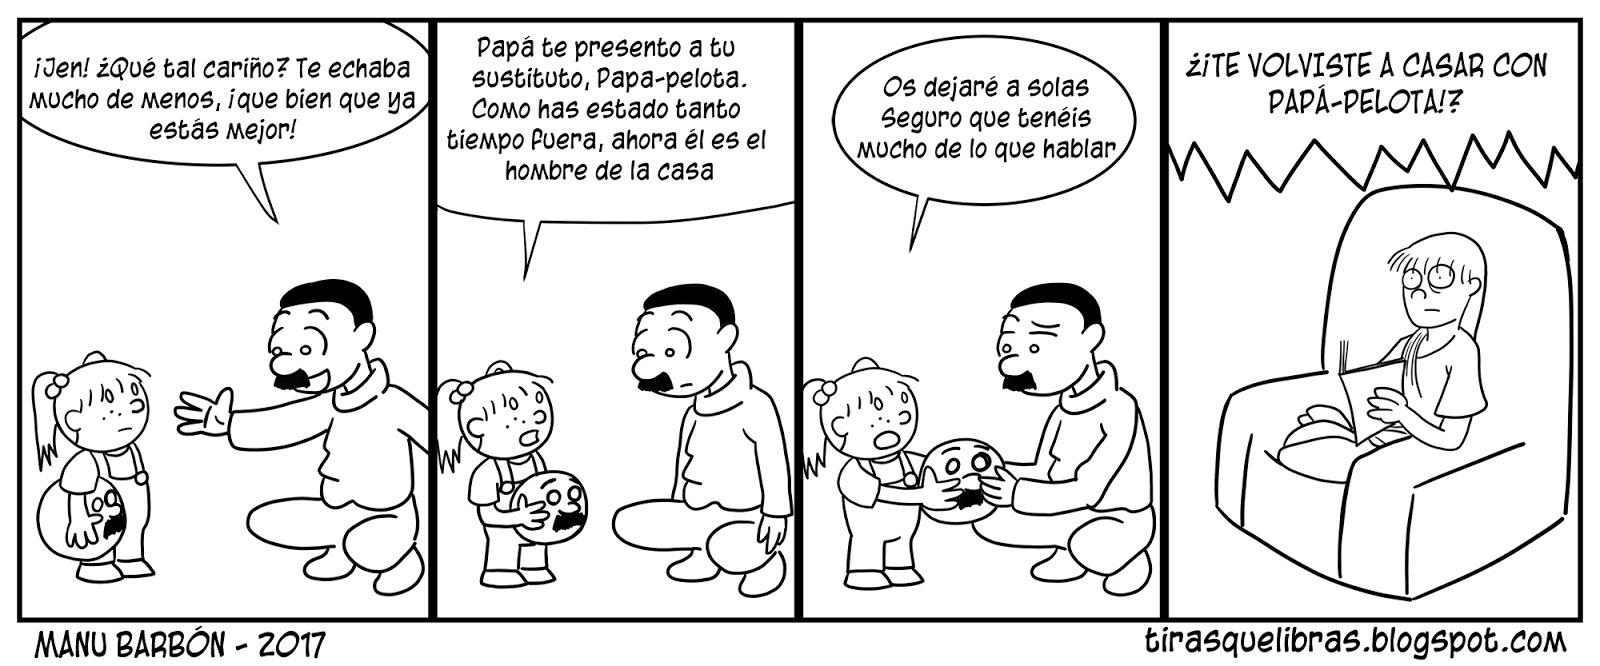 webcomic jen se reencuentra con su padre